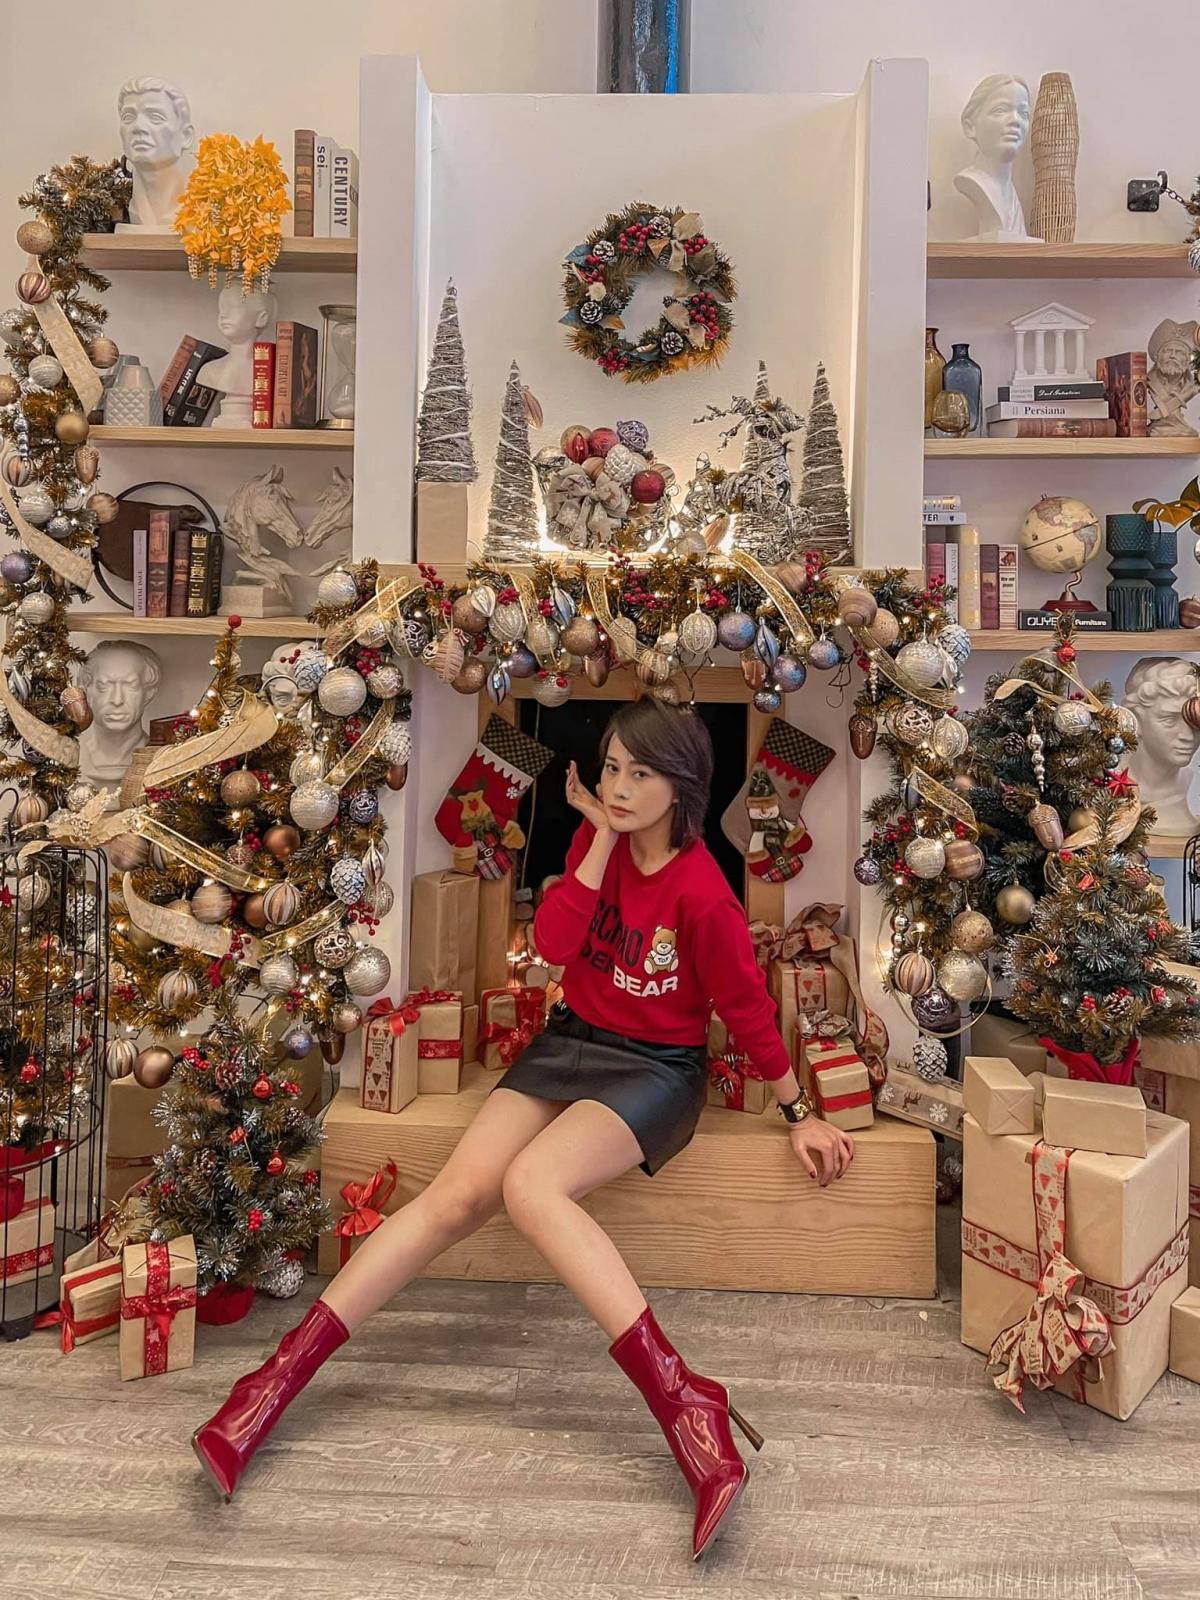 Phương Oanh đã cắt tóc ngắn. Cô nhận được lời khen xinh đẹp, trẻ trung. Người đẹp diện áo đỏ, giày đỏ đúng khong khí Noel./.